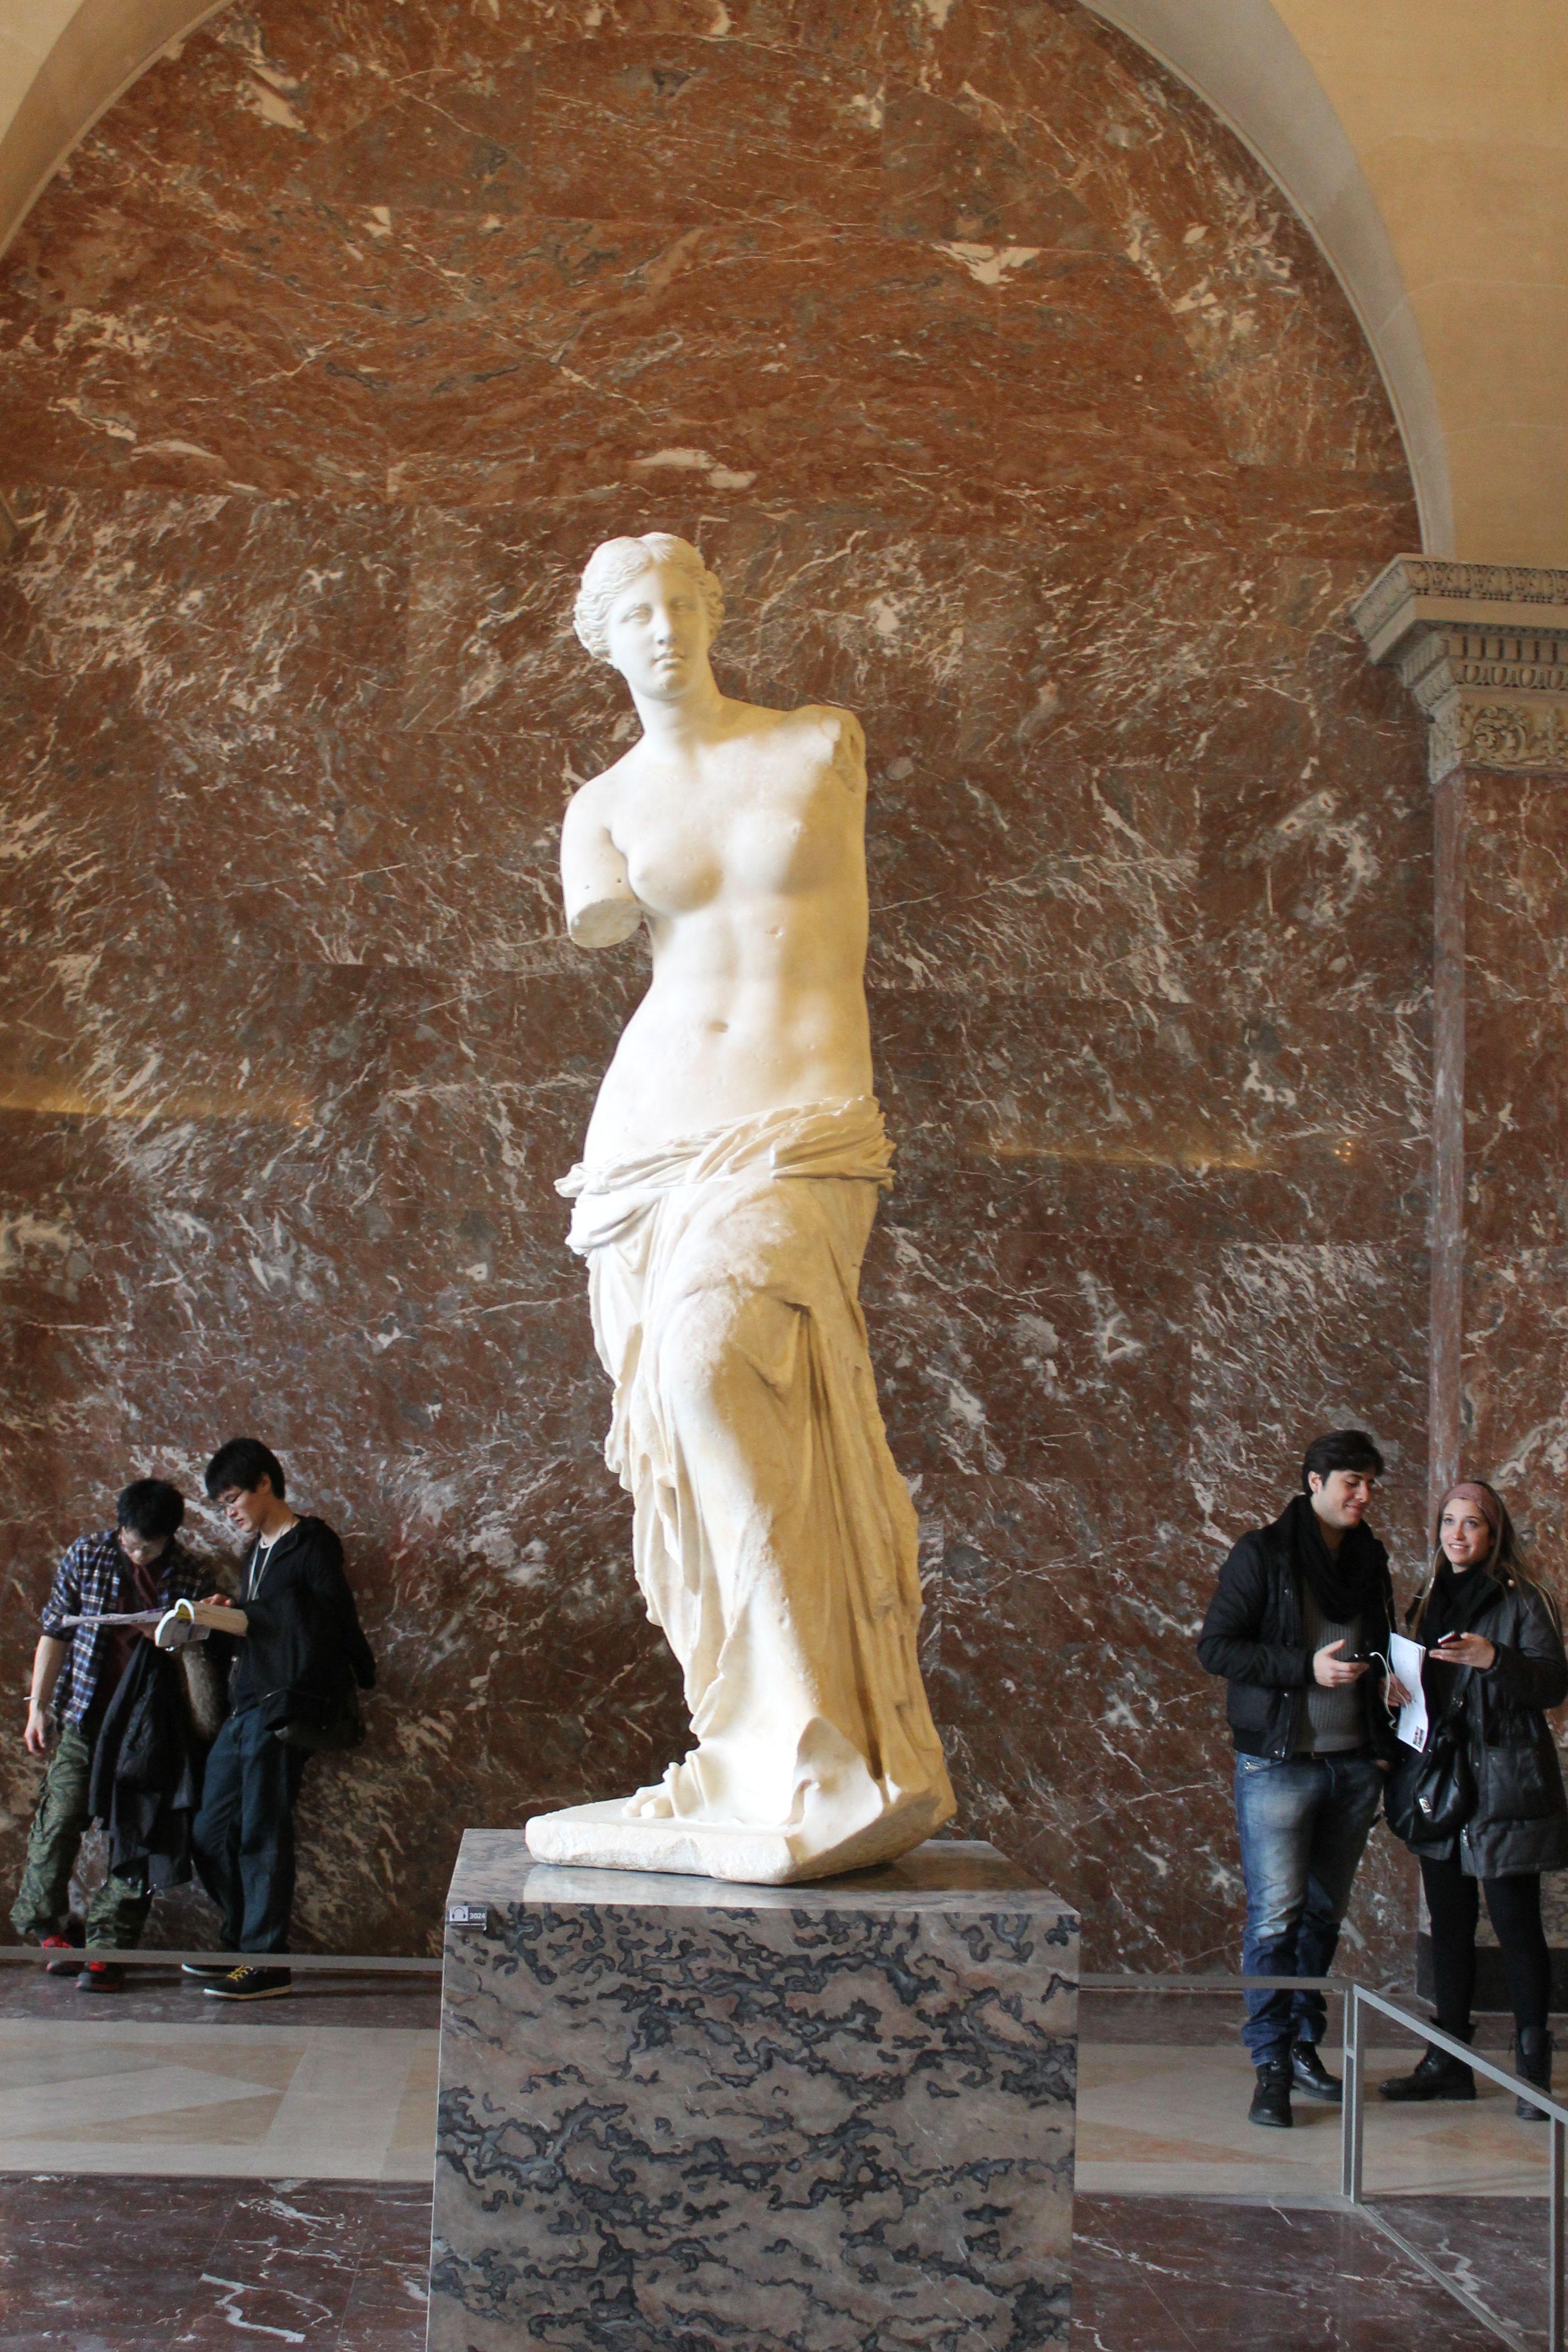 Venus De Milo Louvre In Paris. Places 've Traveled 2019 Art Palace